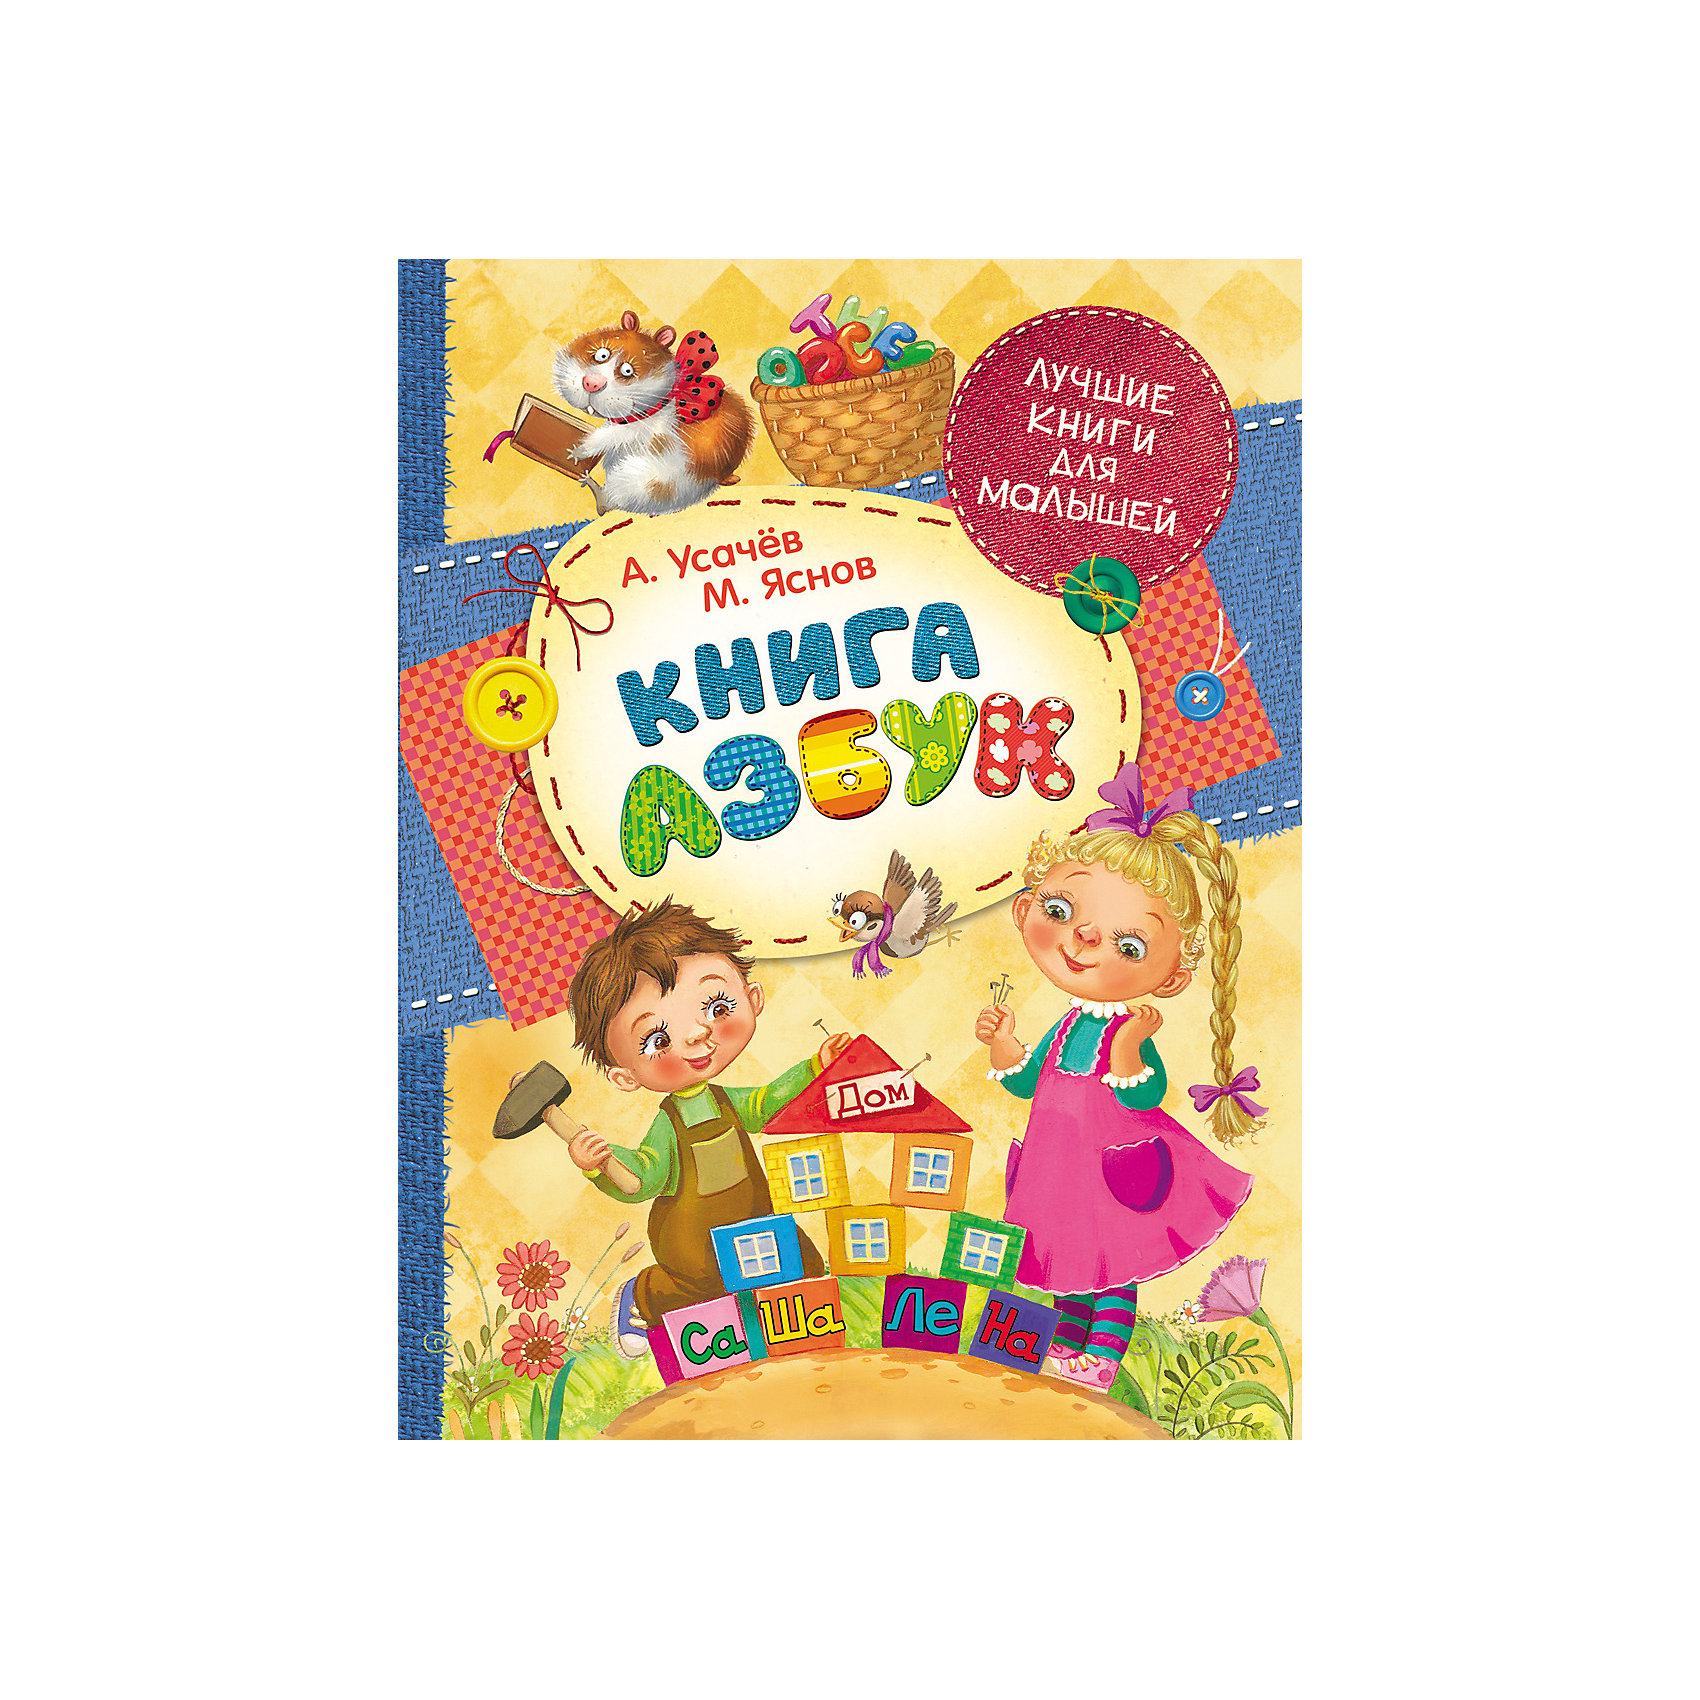 Росмэн Книга азбук, Лучшие книги для малышей